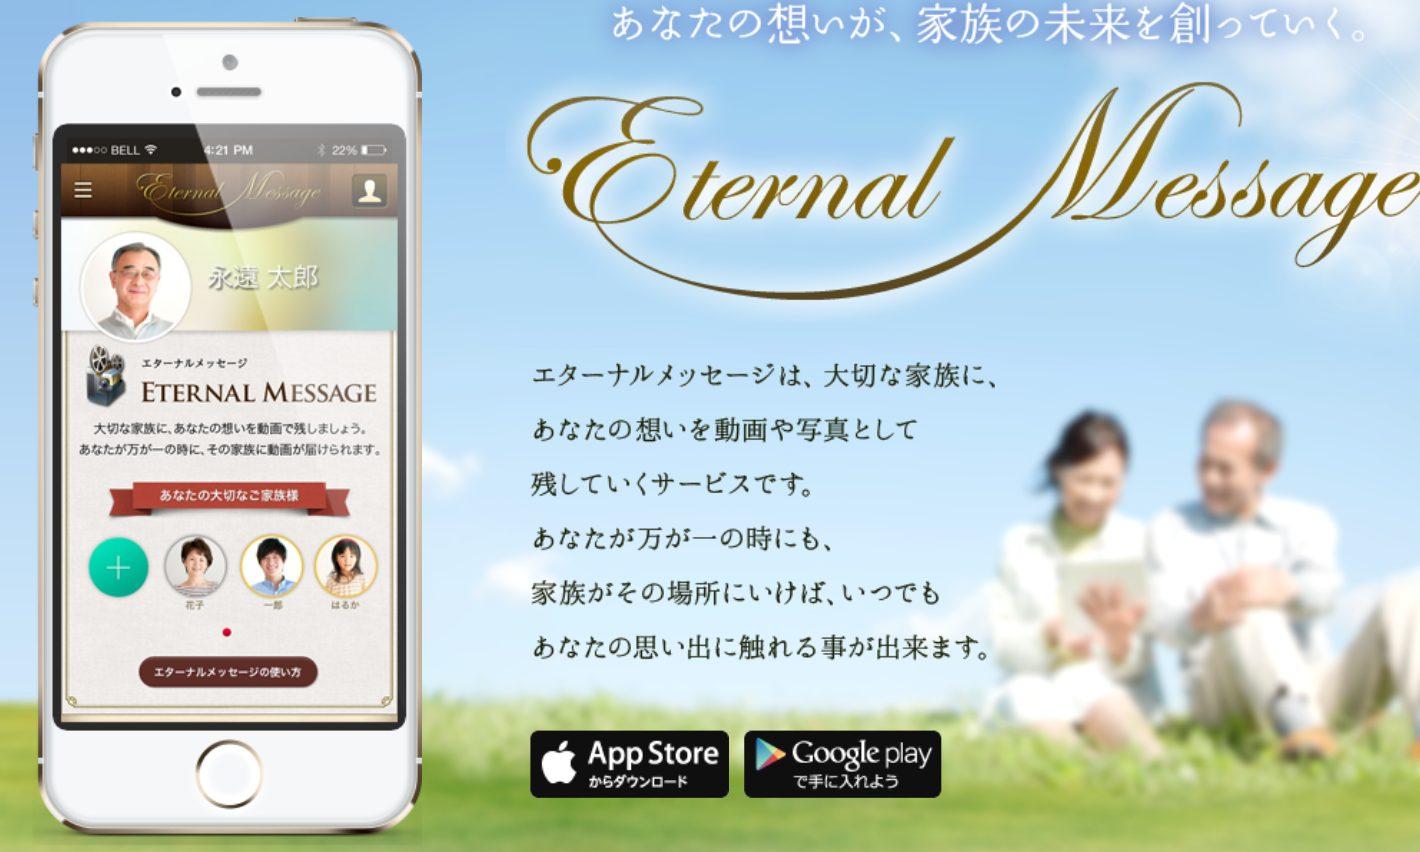 エターナルメッセージアプリの概要図